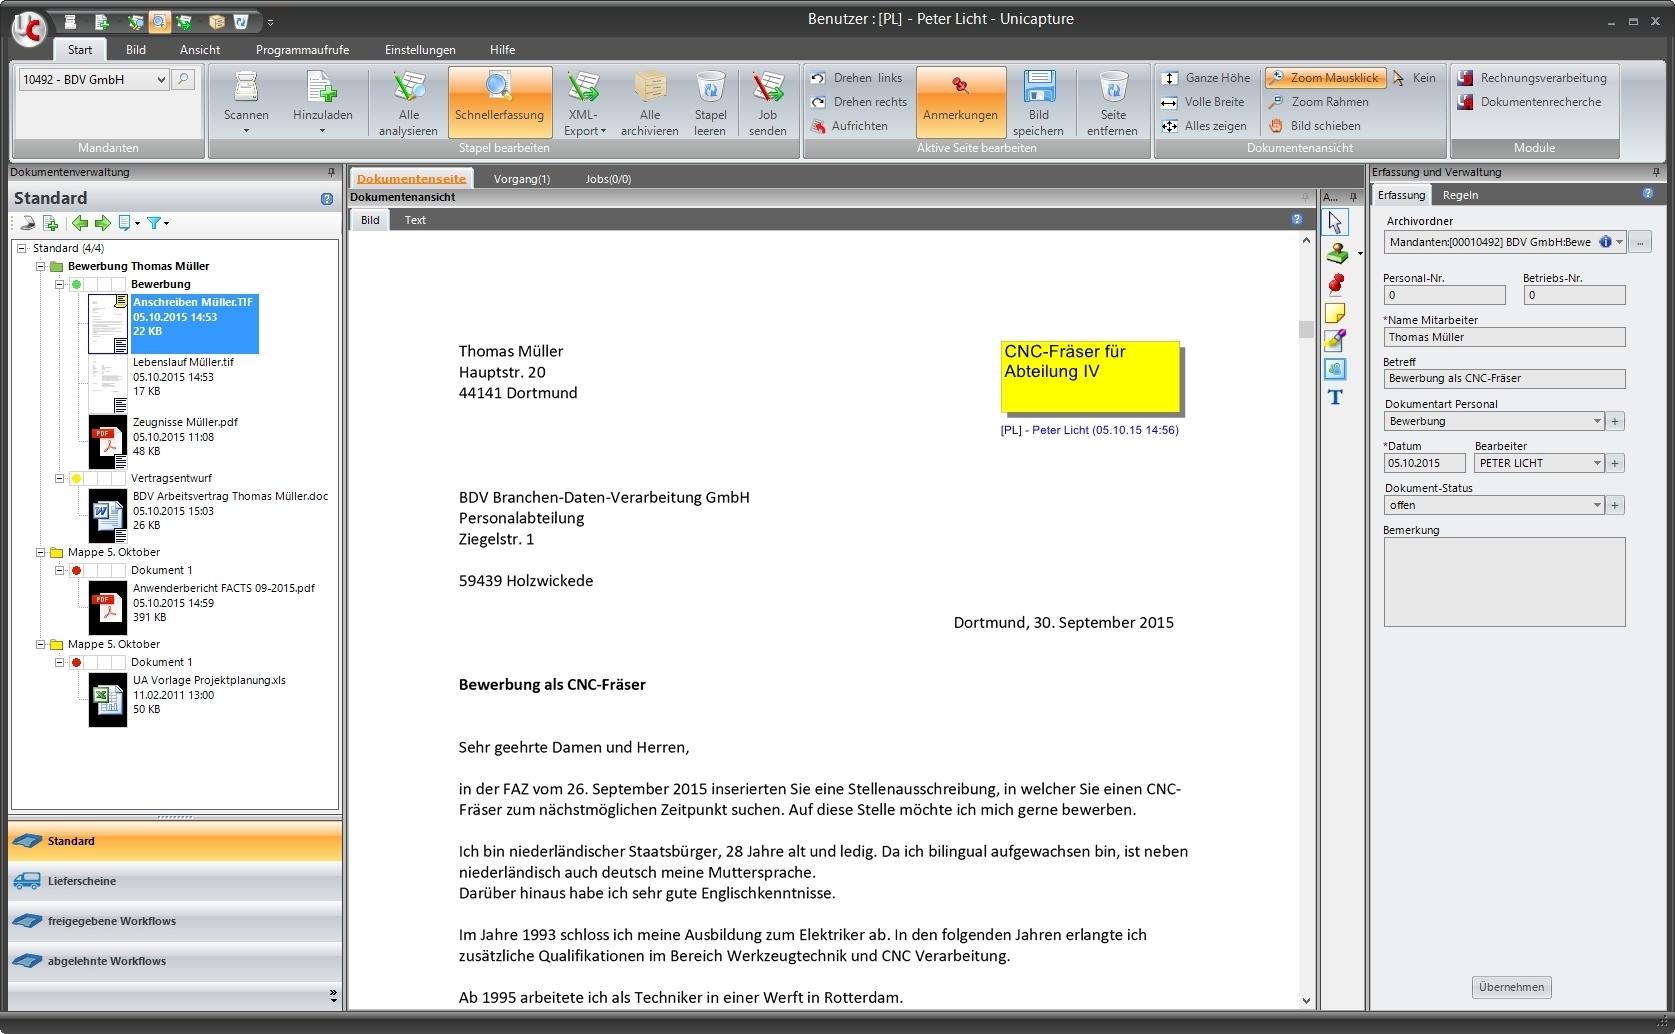 Unicapture - BDV Branchen-Daten-Verarbeitung